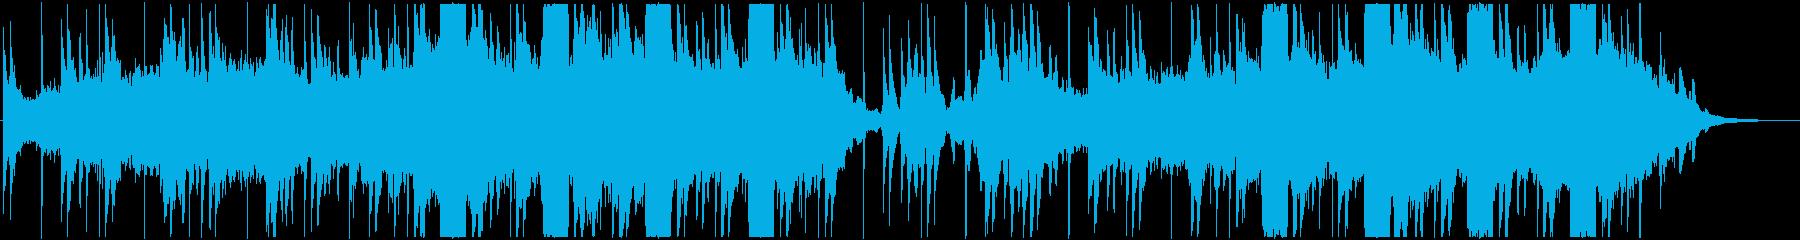 恐怖を演出するシンセサウンドの再生済みの波形